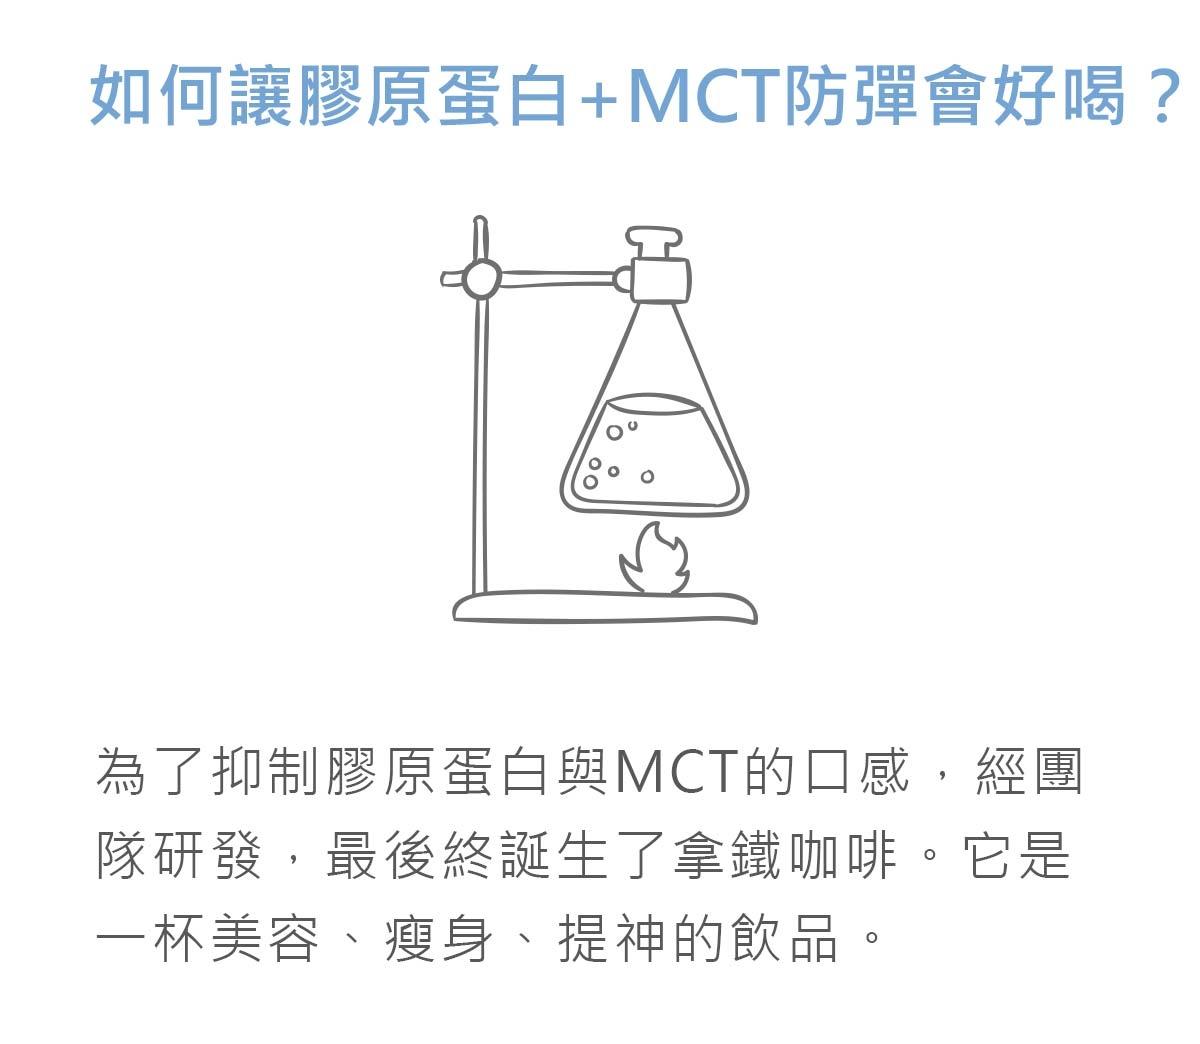 如何讓膠原蛋白+MCT防彈會好喝-為了抑制膠原蛋白與MCT的口感-經團隊的研發-誕生了拿鐵咖啡-簡單入喉膠原蛋白防彈拿鐵咖啡